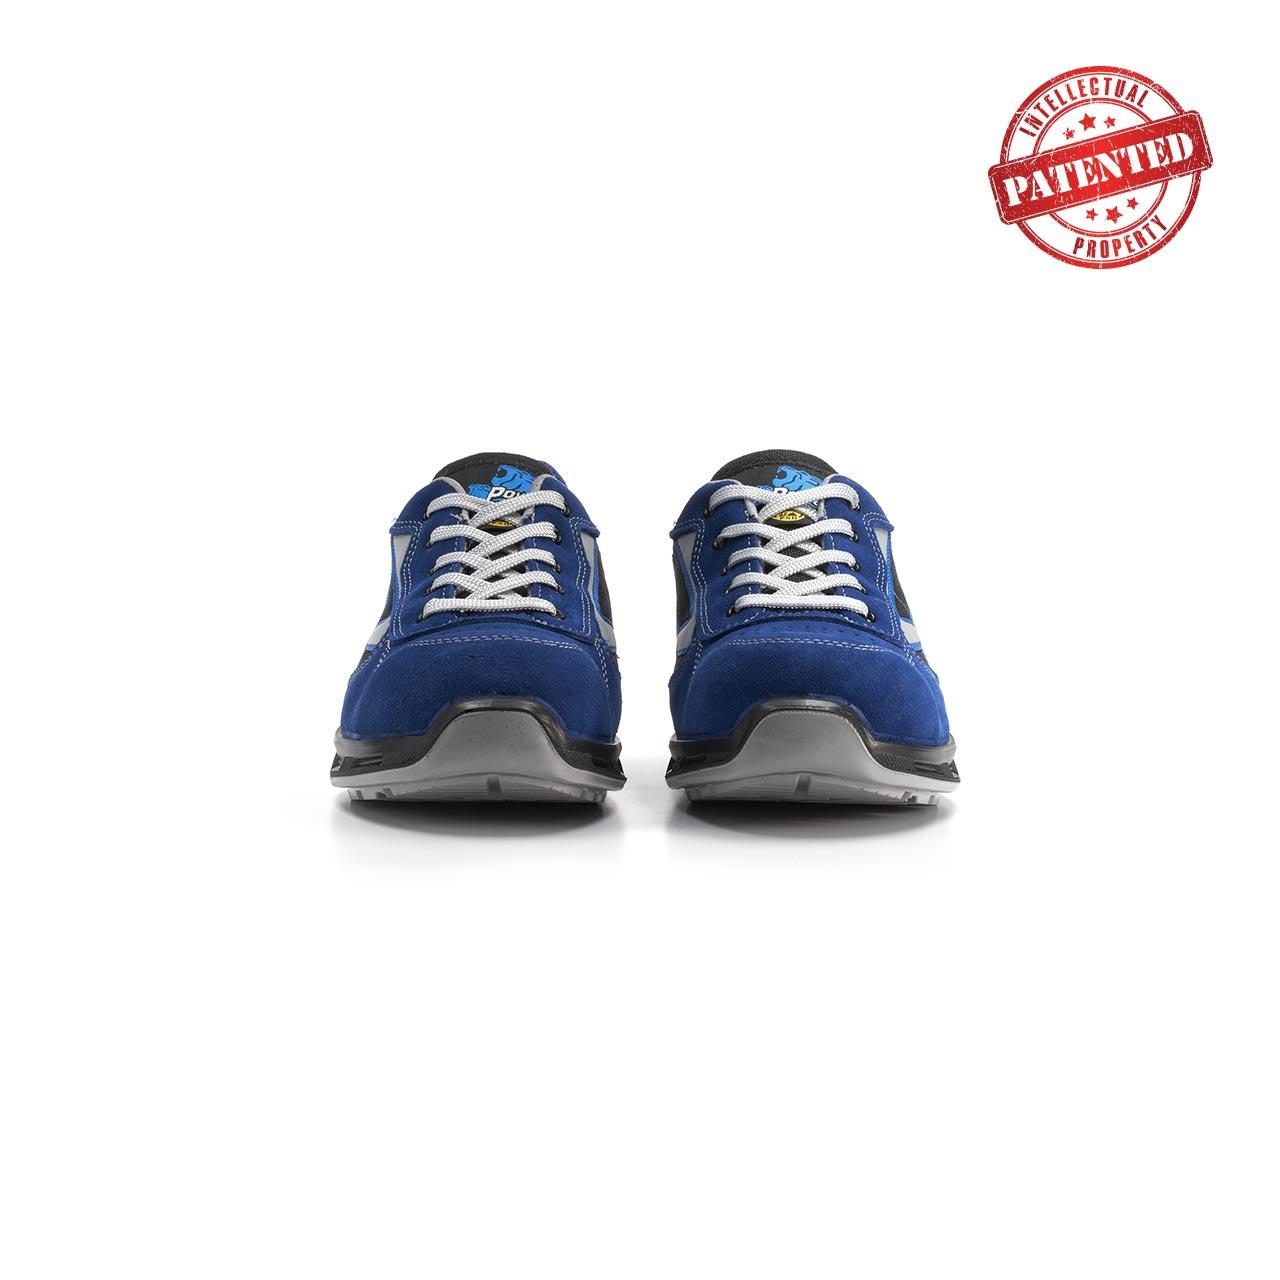 paio di scarpe antinfortunistiche upower modello dea linea redlion vista frontale